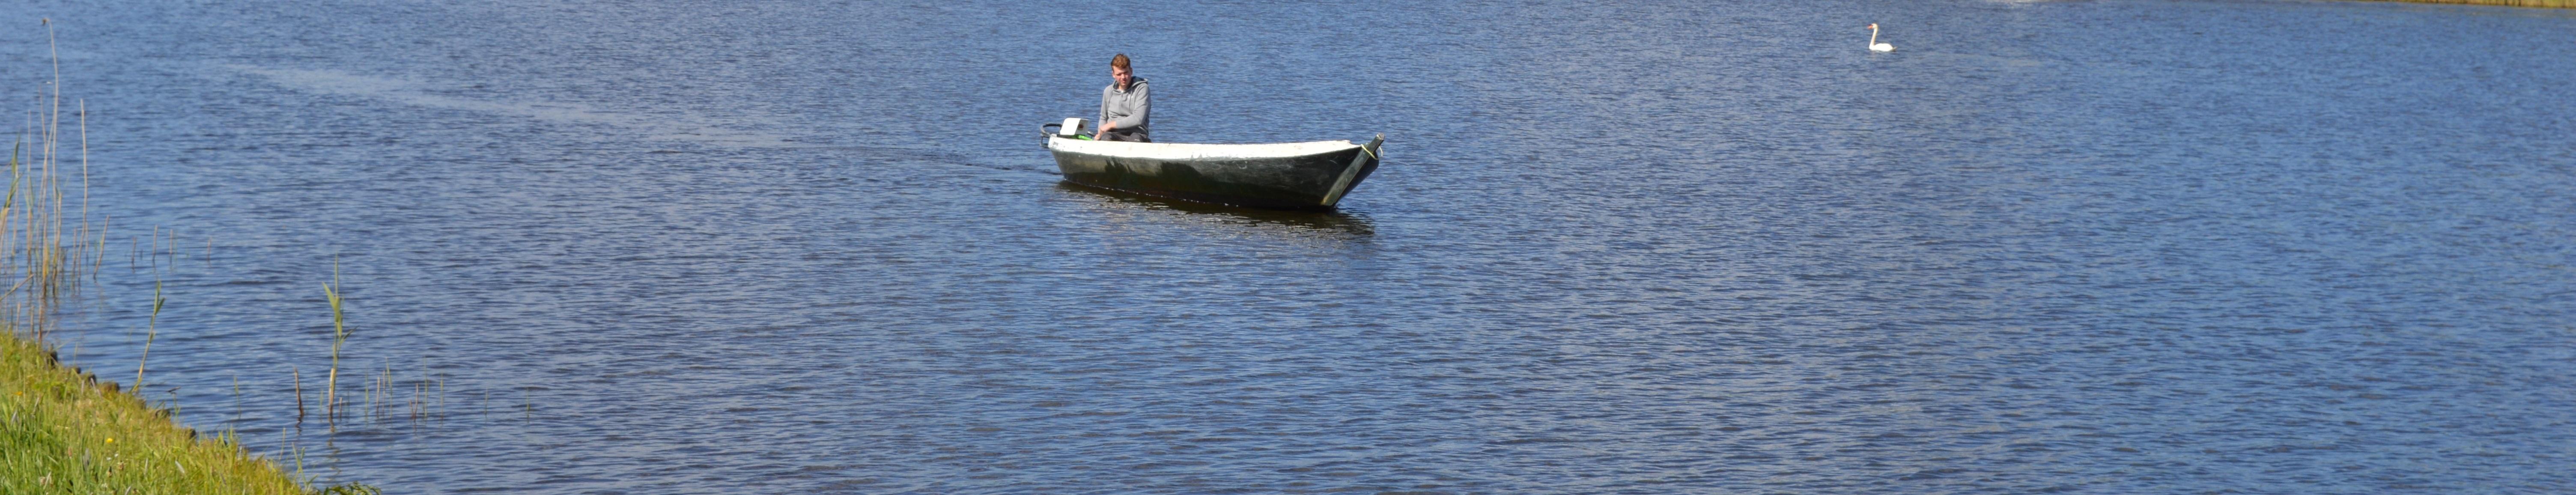 fluisterboot huren in vollenhove vlakbij kalenberg giethoorn blokzijl